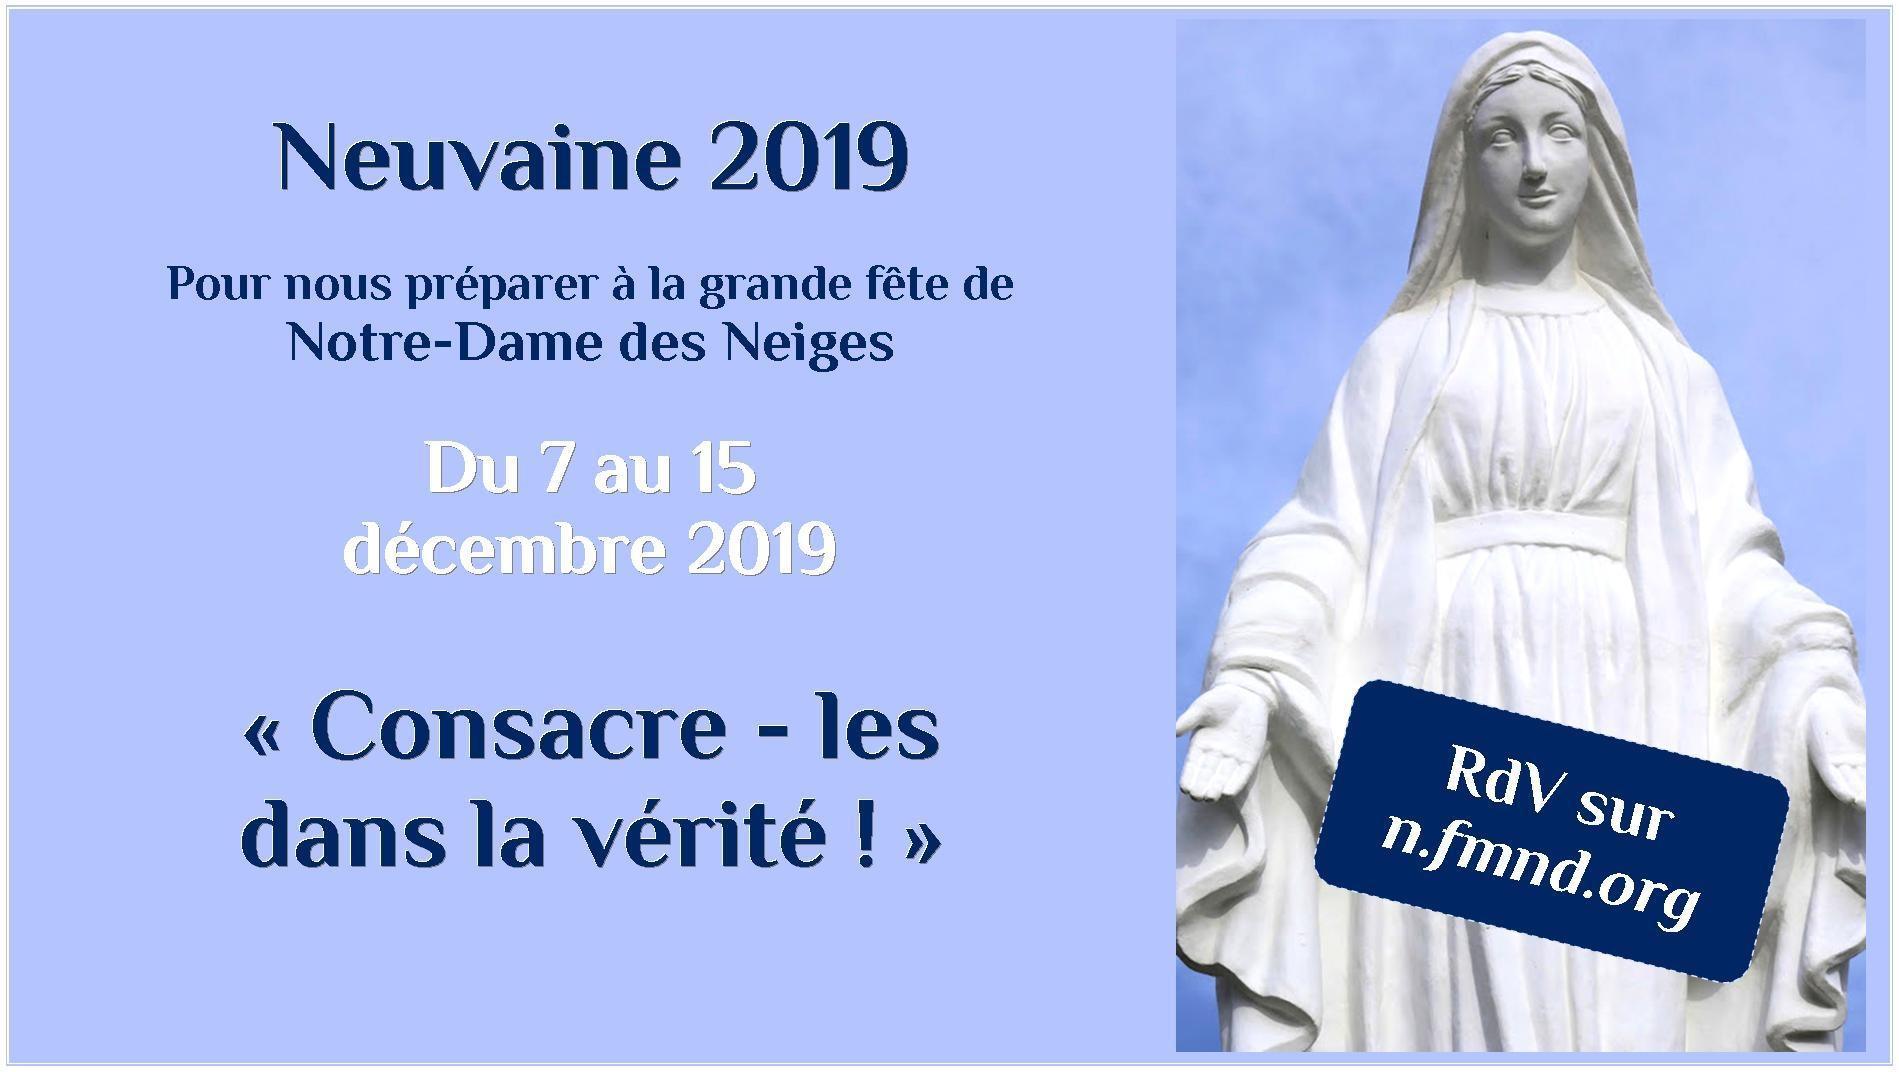 102056-neuvaine-2019-consacre-les-dans-la-verite